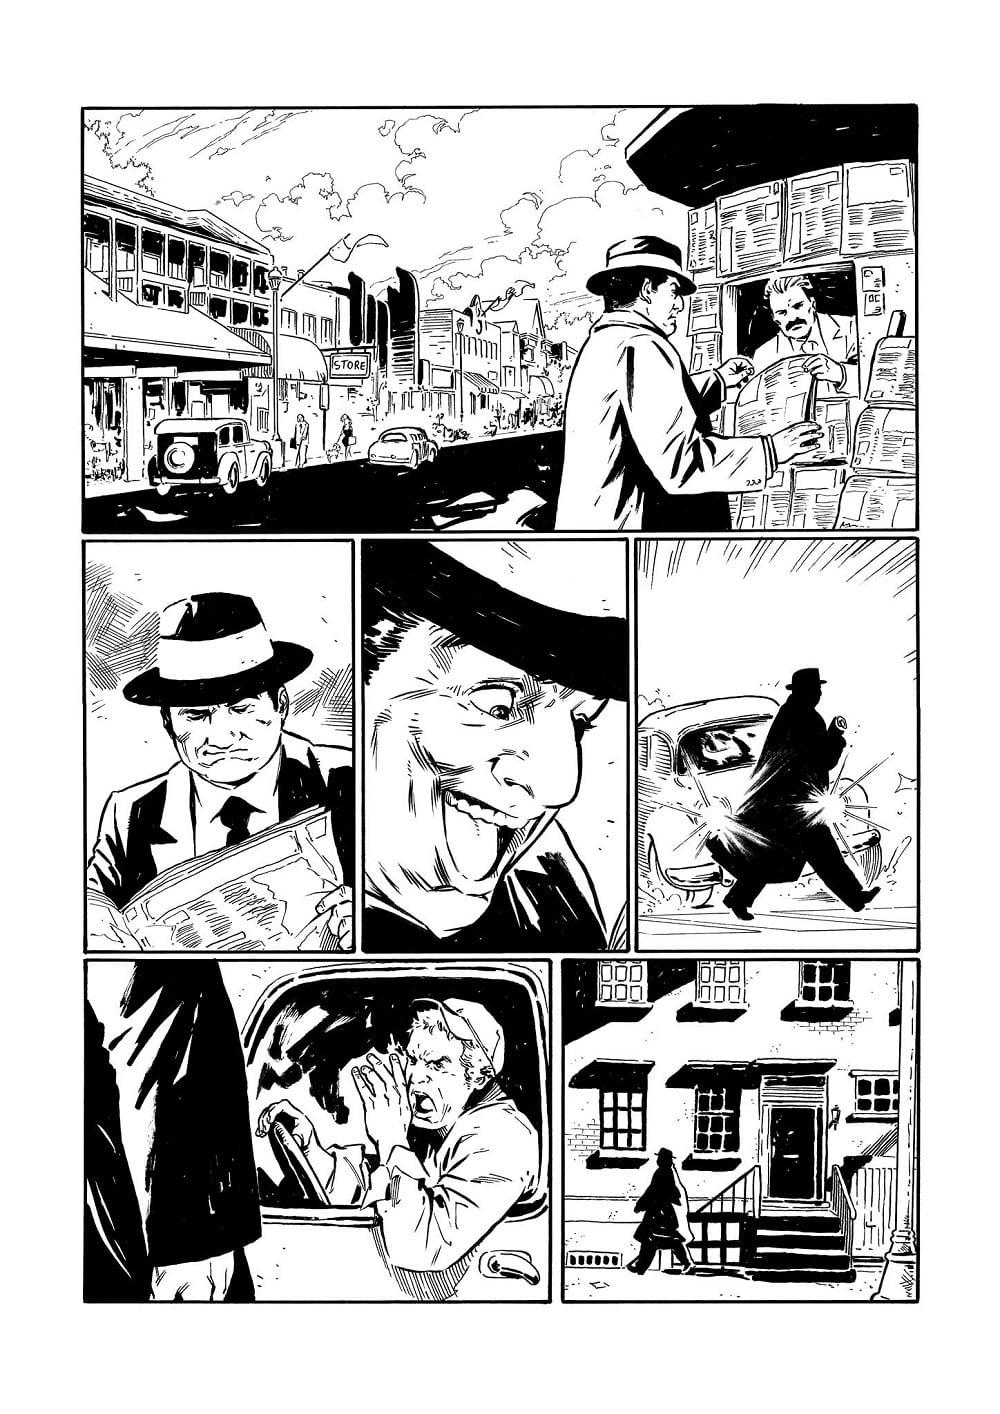 Anteprima: Gangster Vol.1 (AA.VV)_Anteprime